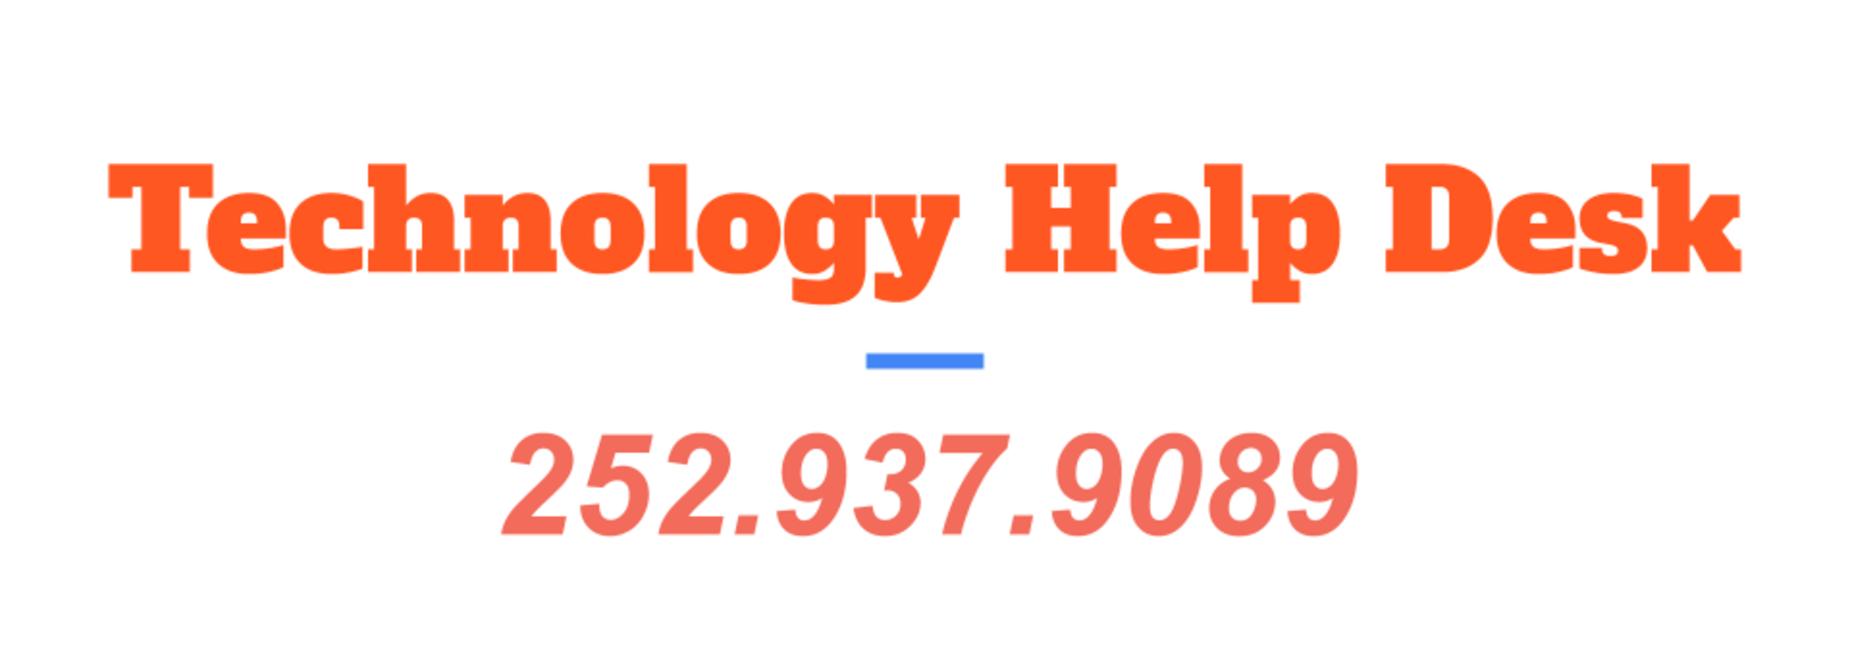 Technology Help Desk